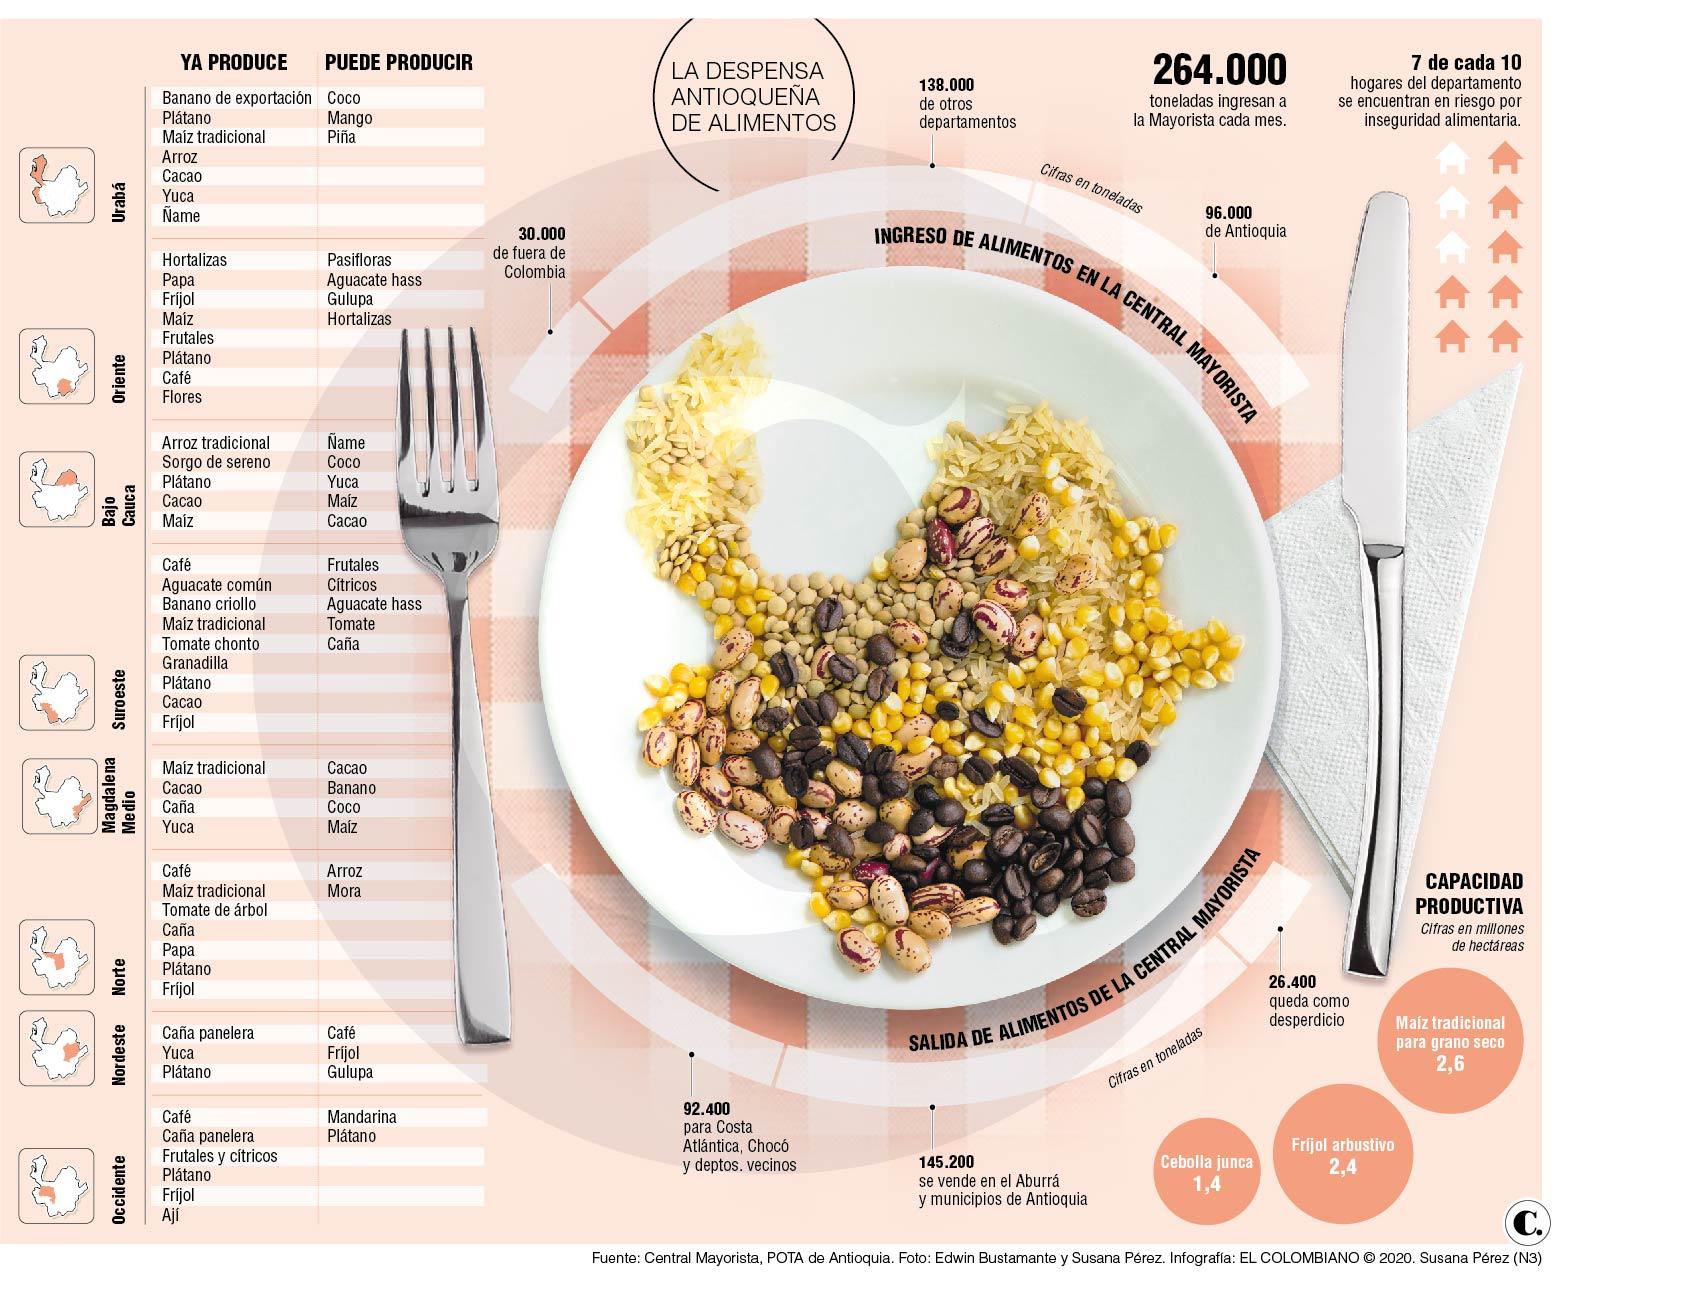 ¿Sabe dónde se siembra la comida que usted consume?